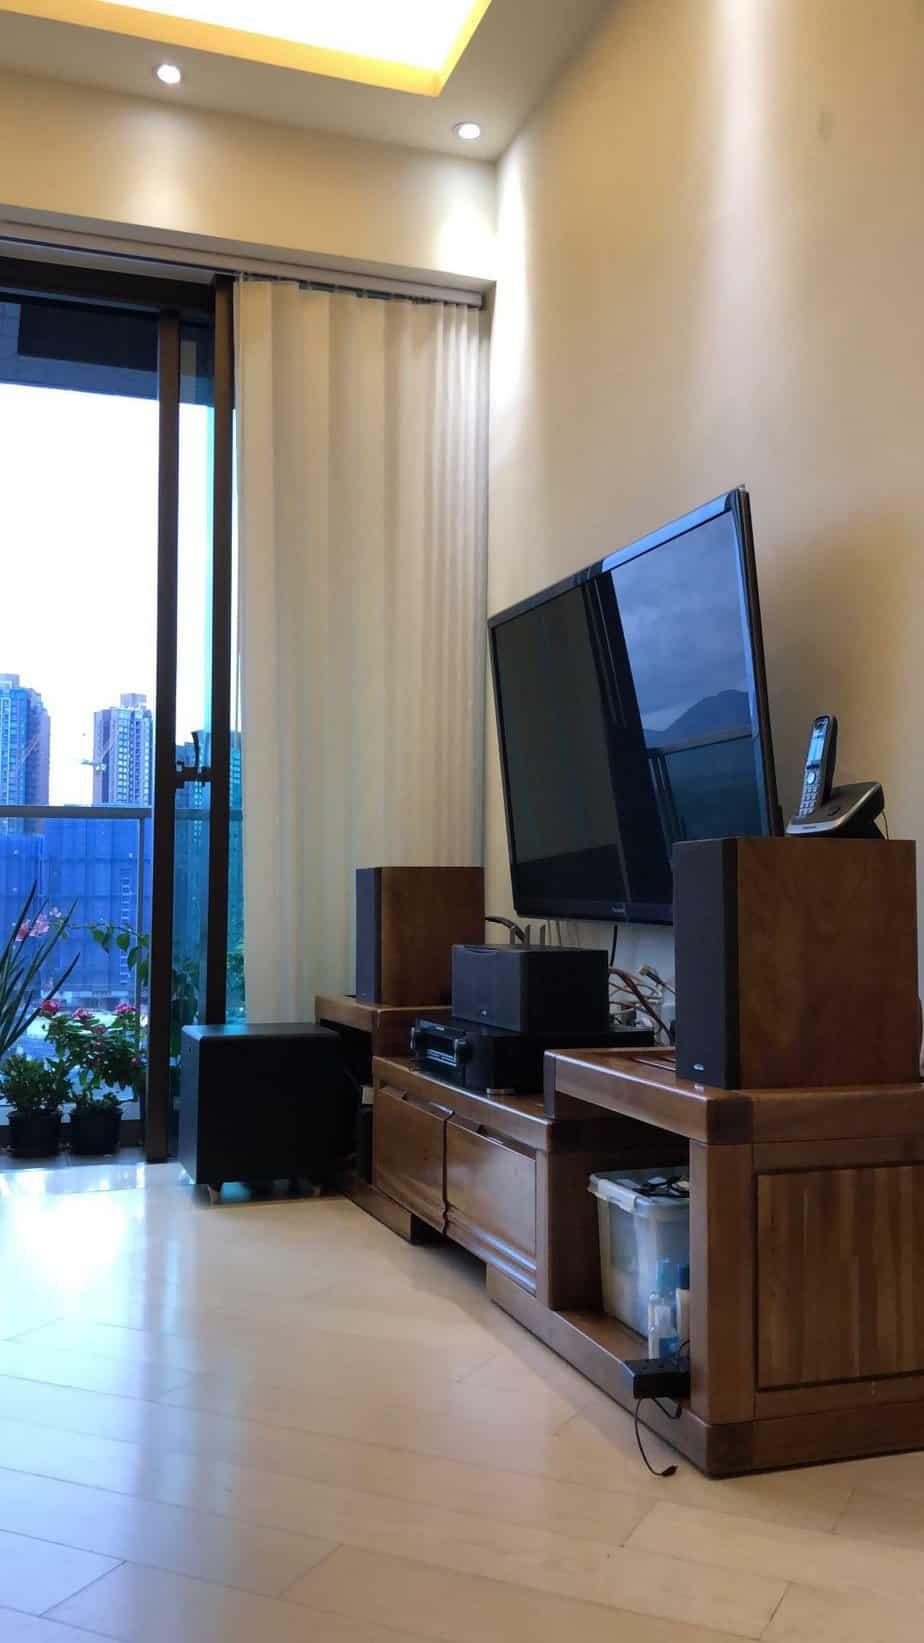 尚豪庭 - 元朗核心商貿區 , 步行西鐵站 - 元朗屋網 28YuenLong.com